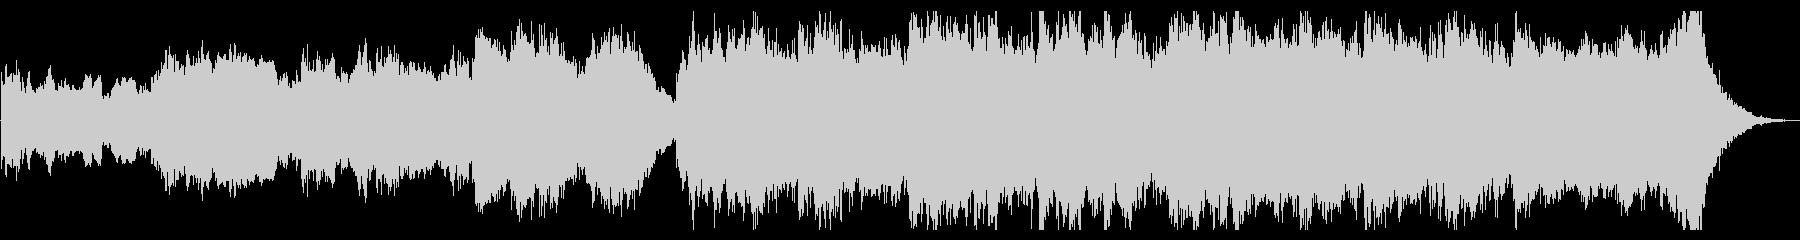 宇宙映画的オーケストラファンファーレの未再生の波形